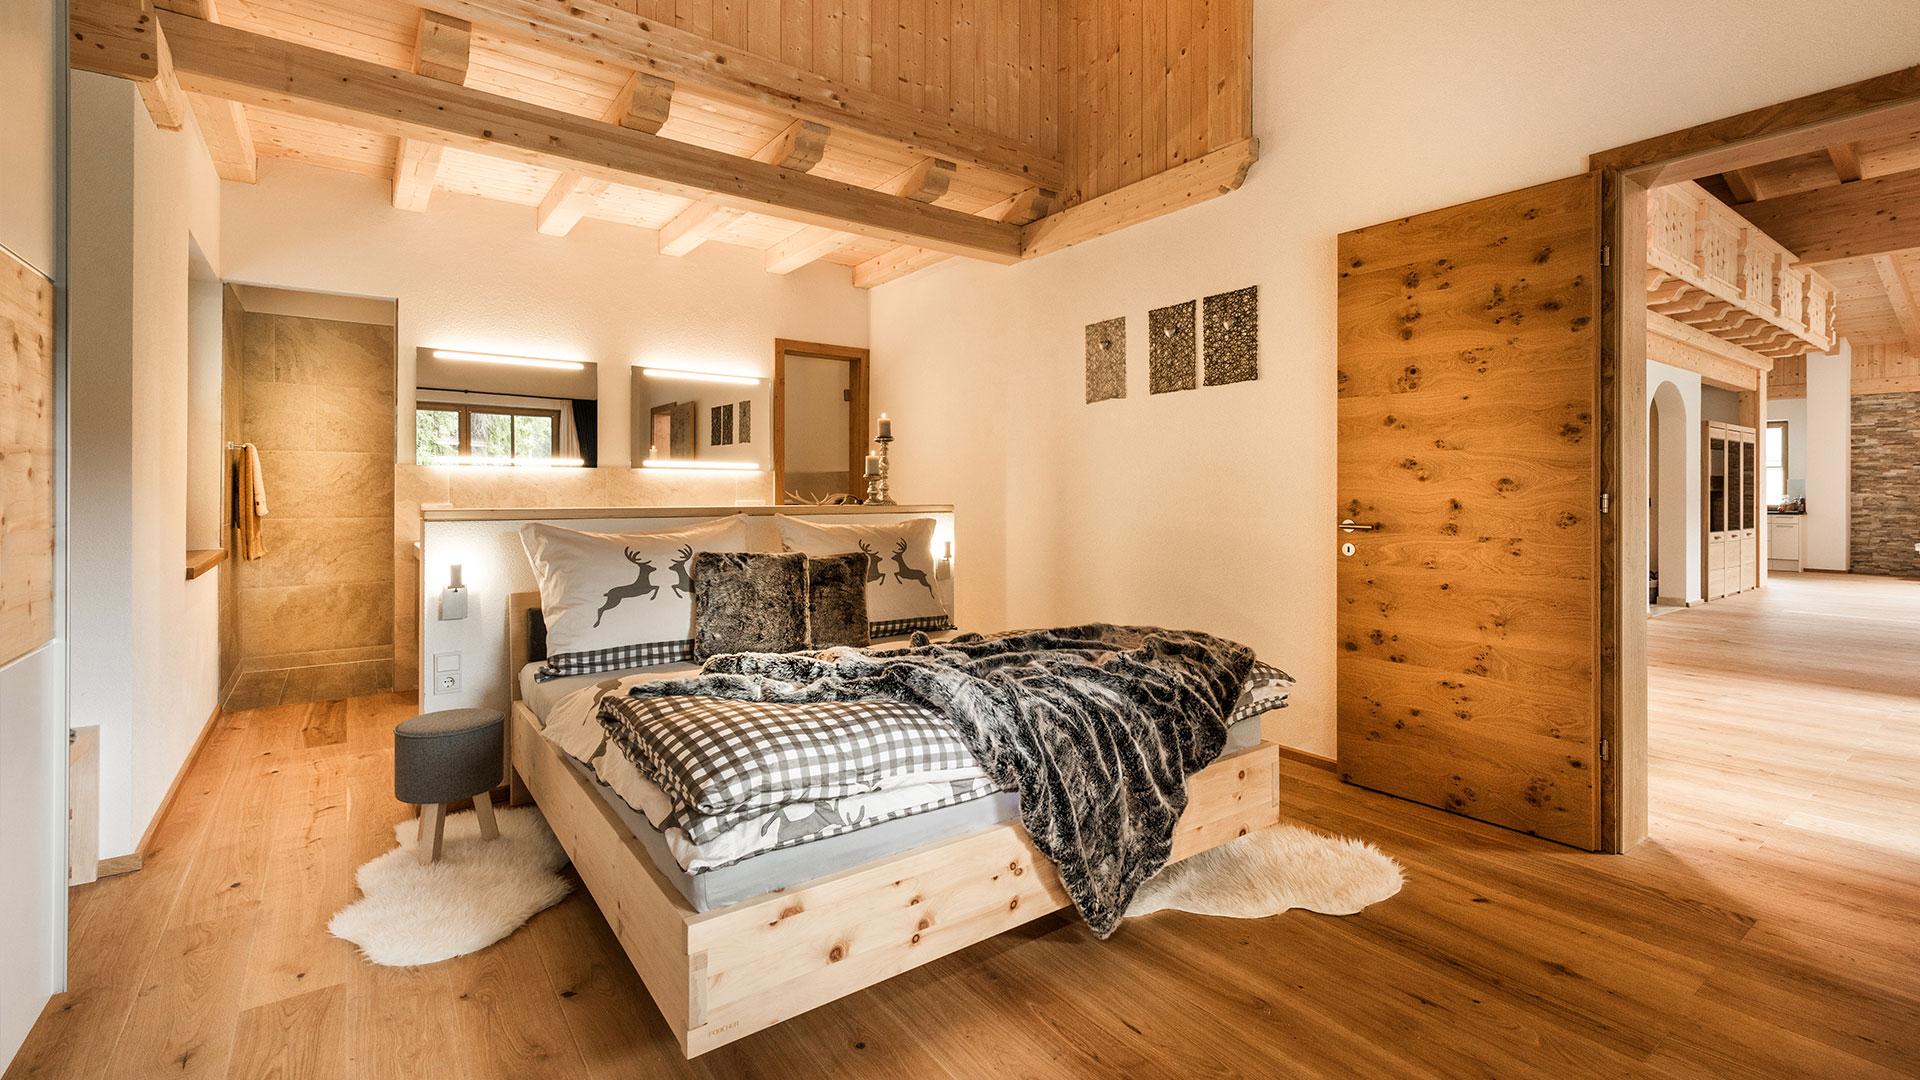 Luxus Chalet Für 2 8 Personen In Seefeld   Märchenblick, Schlafzimmer  Entwurf